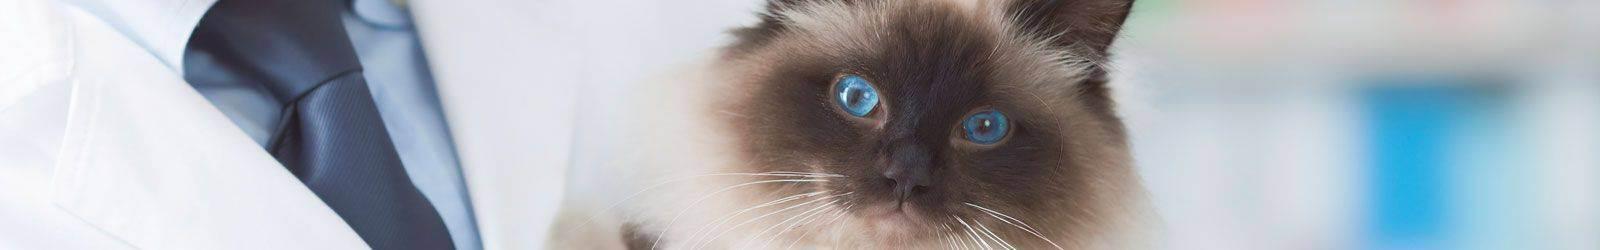 Риски, связанные с вакцинацией кошек.